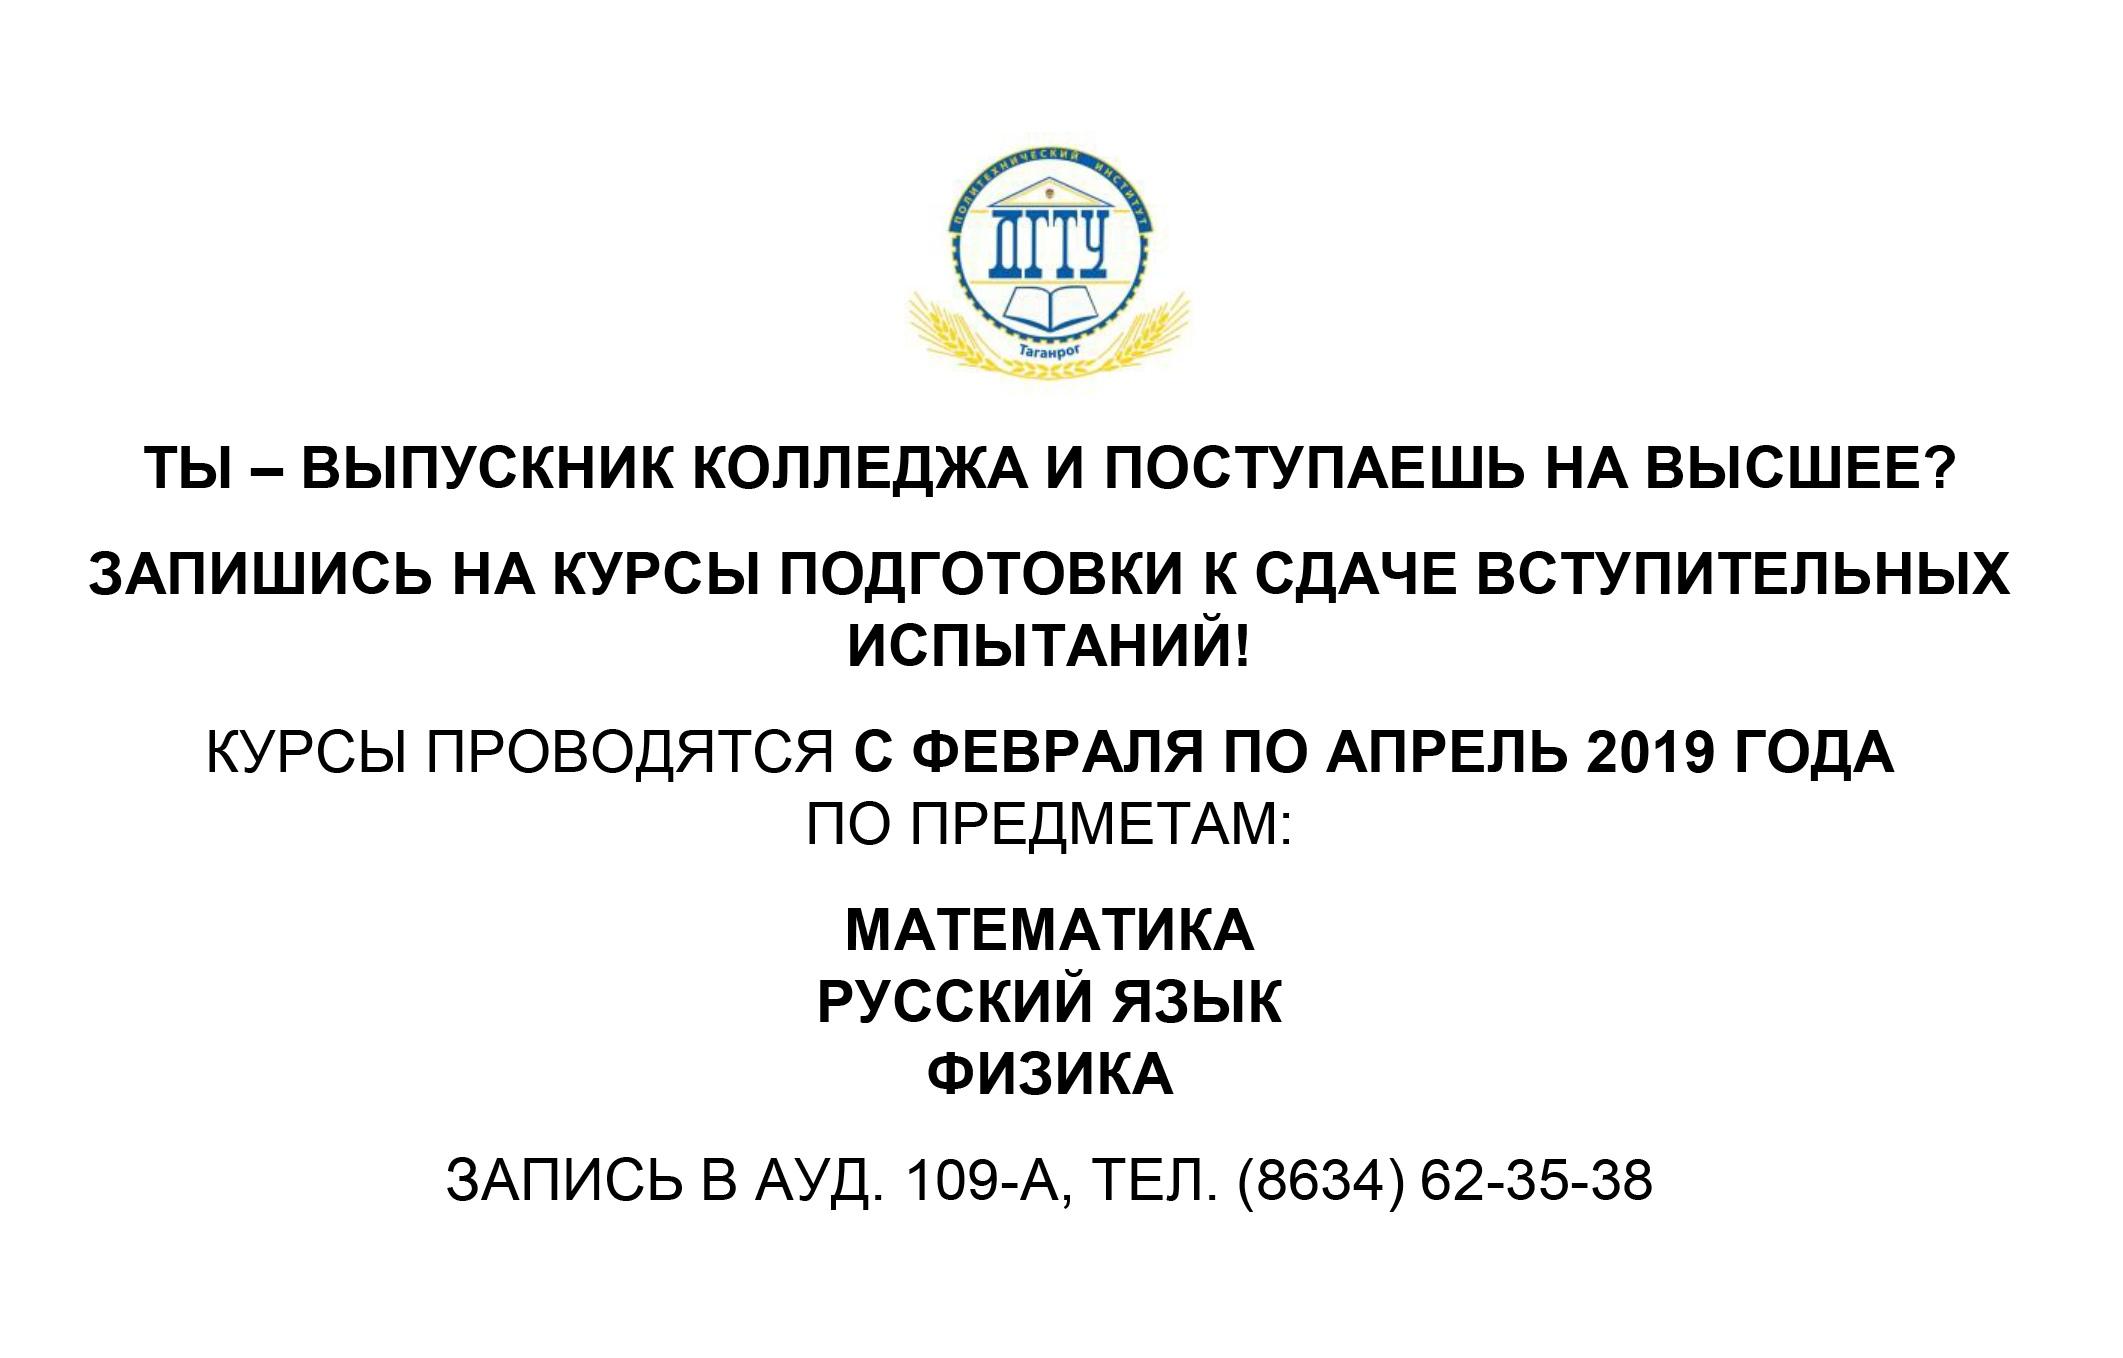 Политехнический институт (филиал) ДГТУ в г. Таганроге